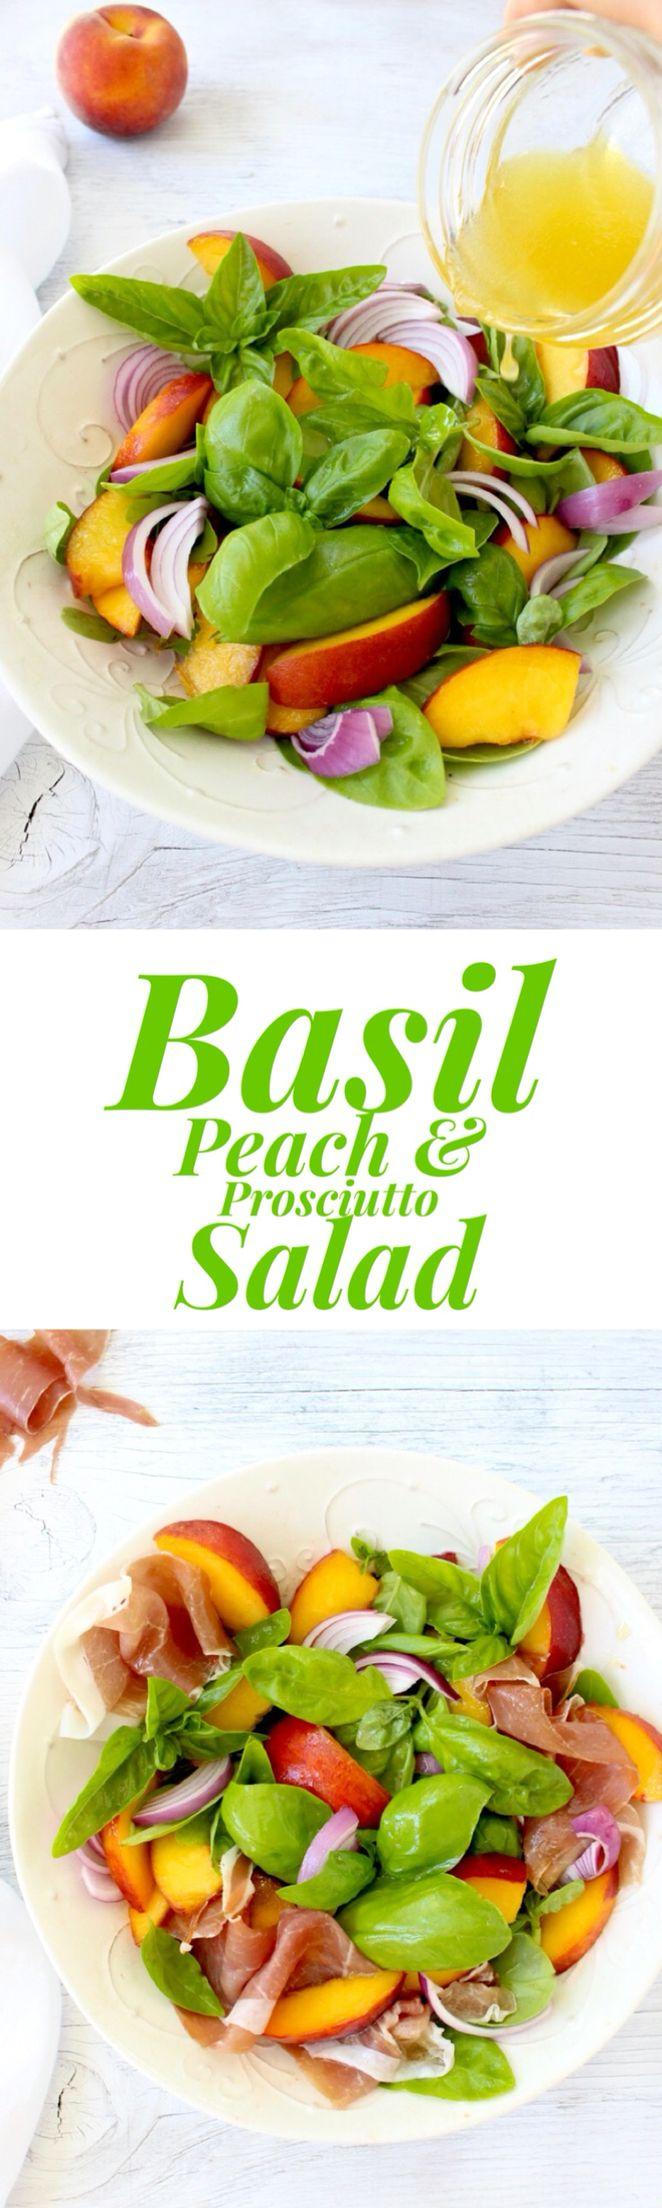 Basil Peach Salad Recipe with Honey Lemon Vinaigrette and Prosciutto di Parma | CiaoFlorentina.com @CiaoFlorentina